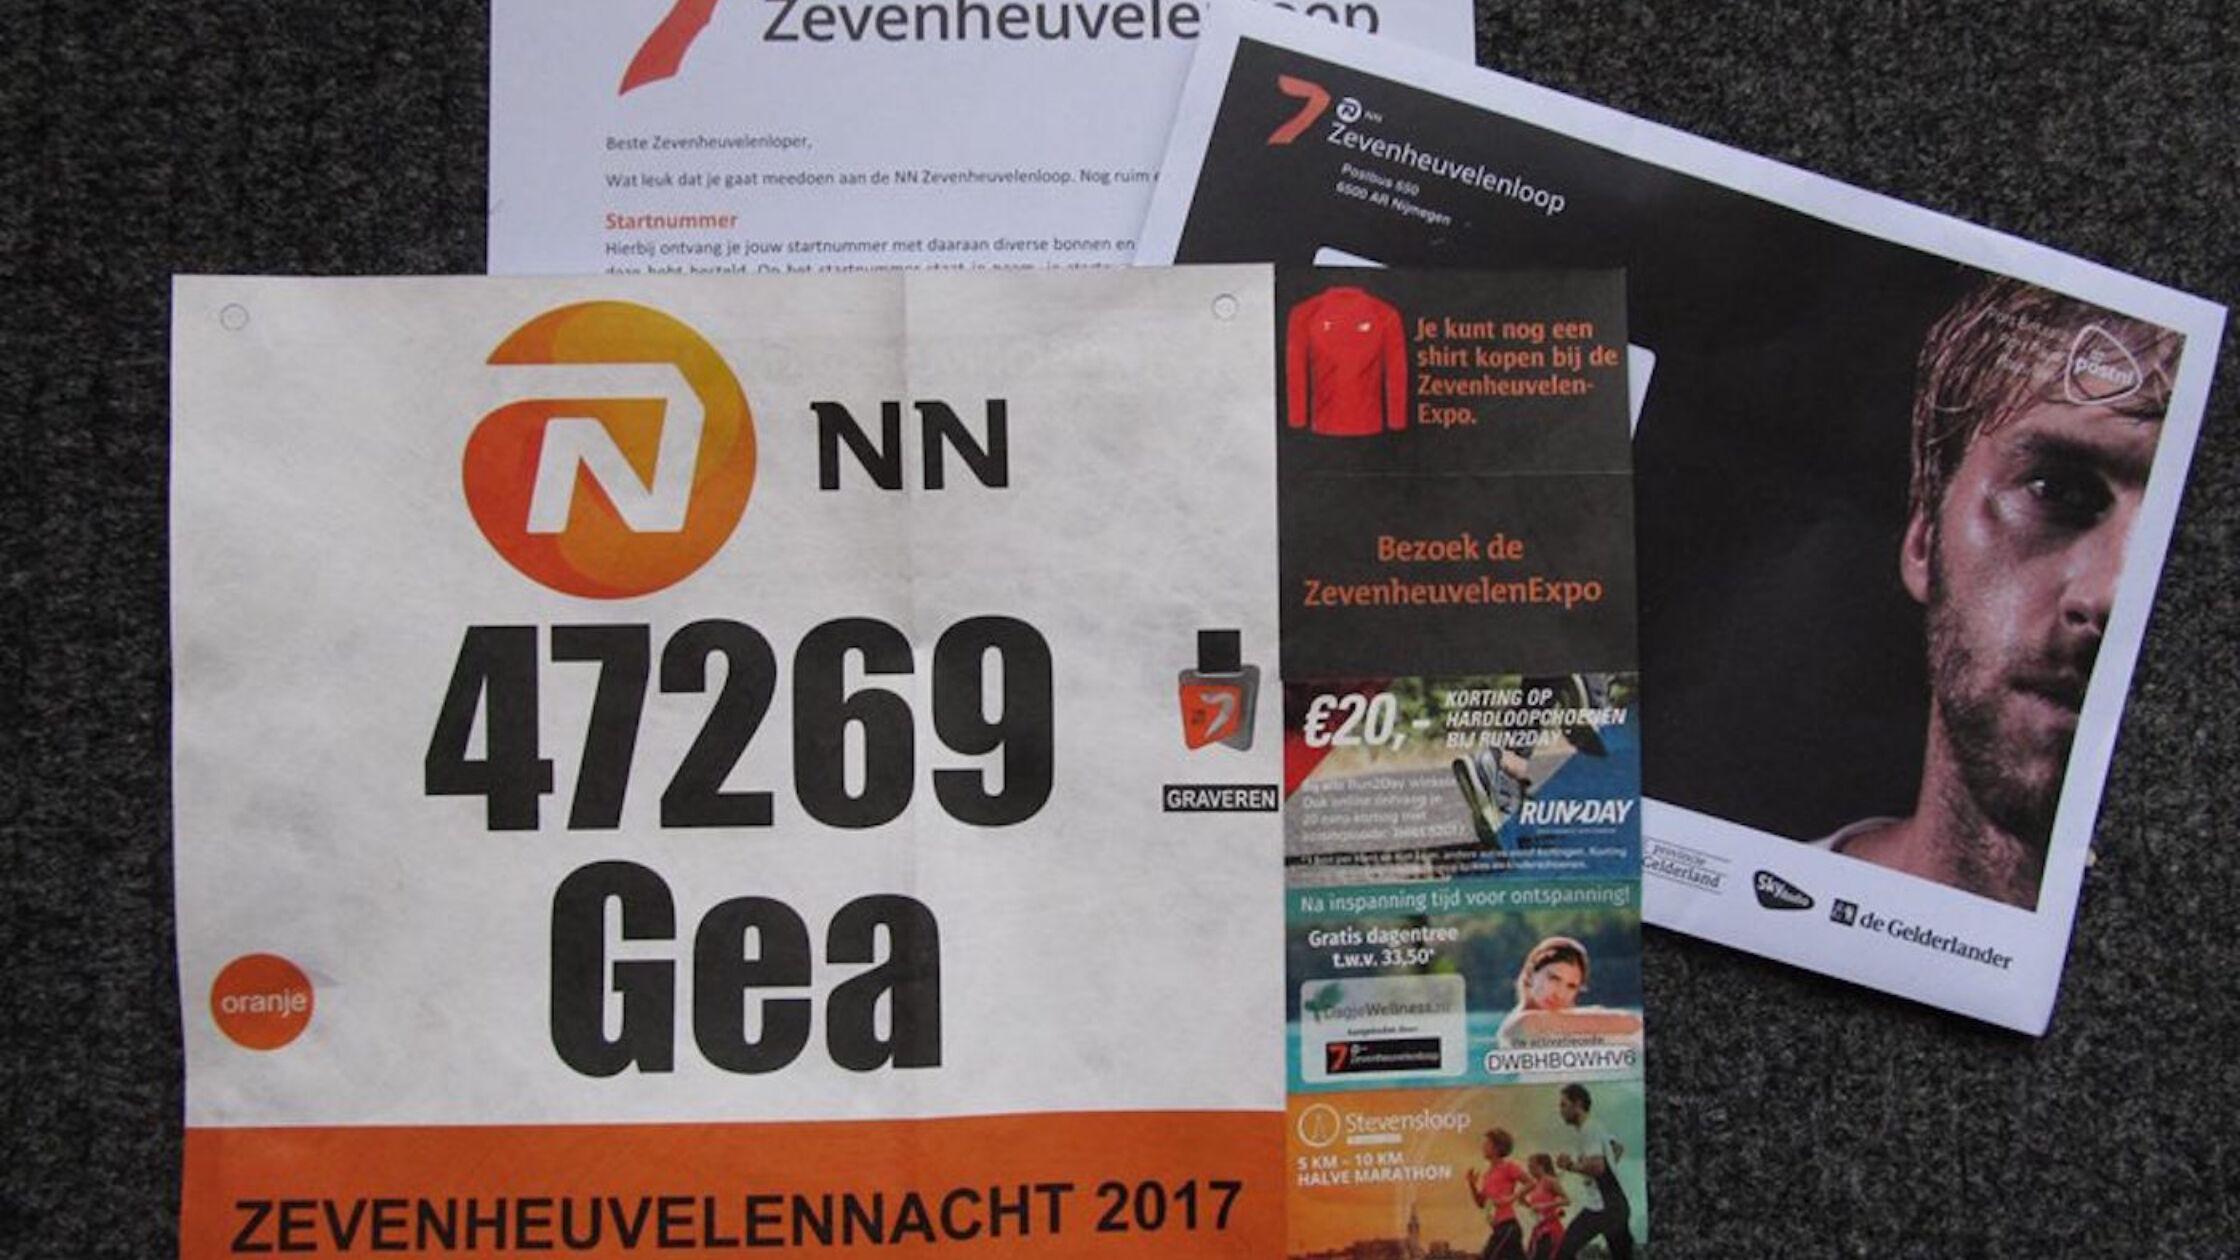 Lastminute-tips voor de NN Zevenheuvelenloop